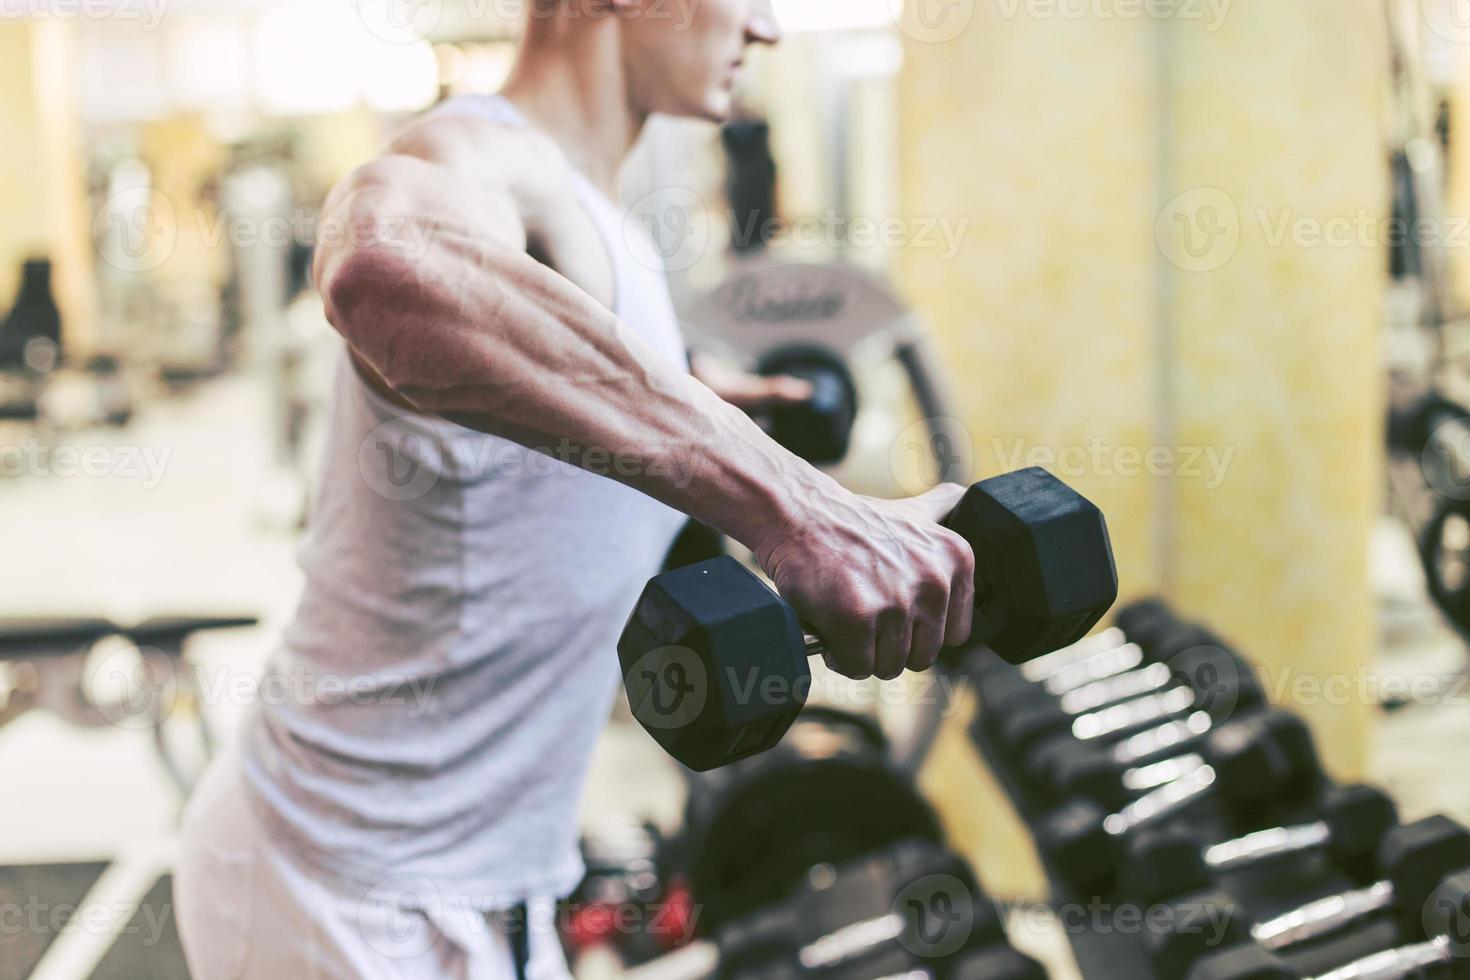 bodybuilder musculaire, faire des exercices avec des haltères dans la salle de gym photo